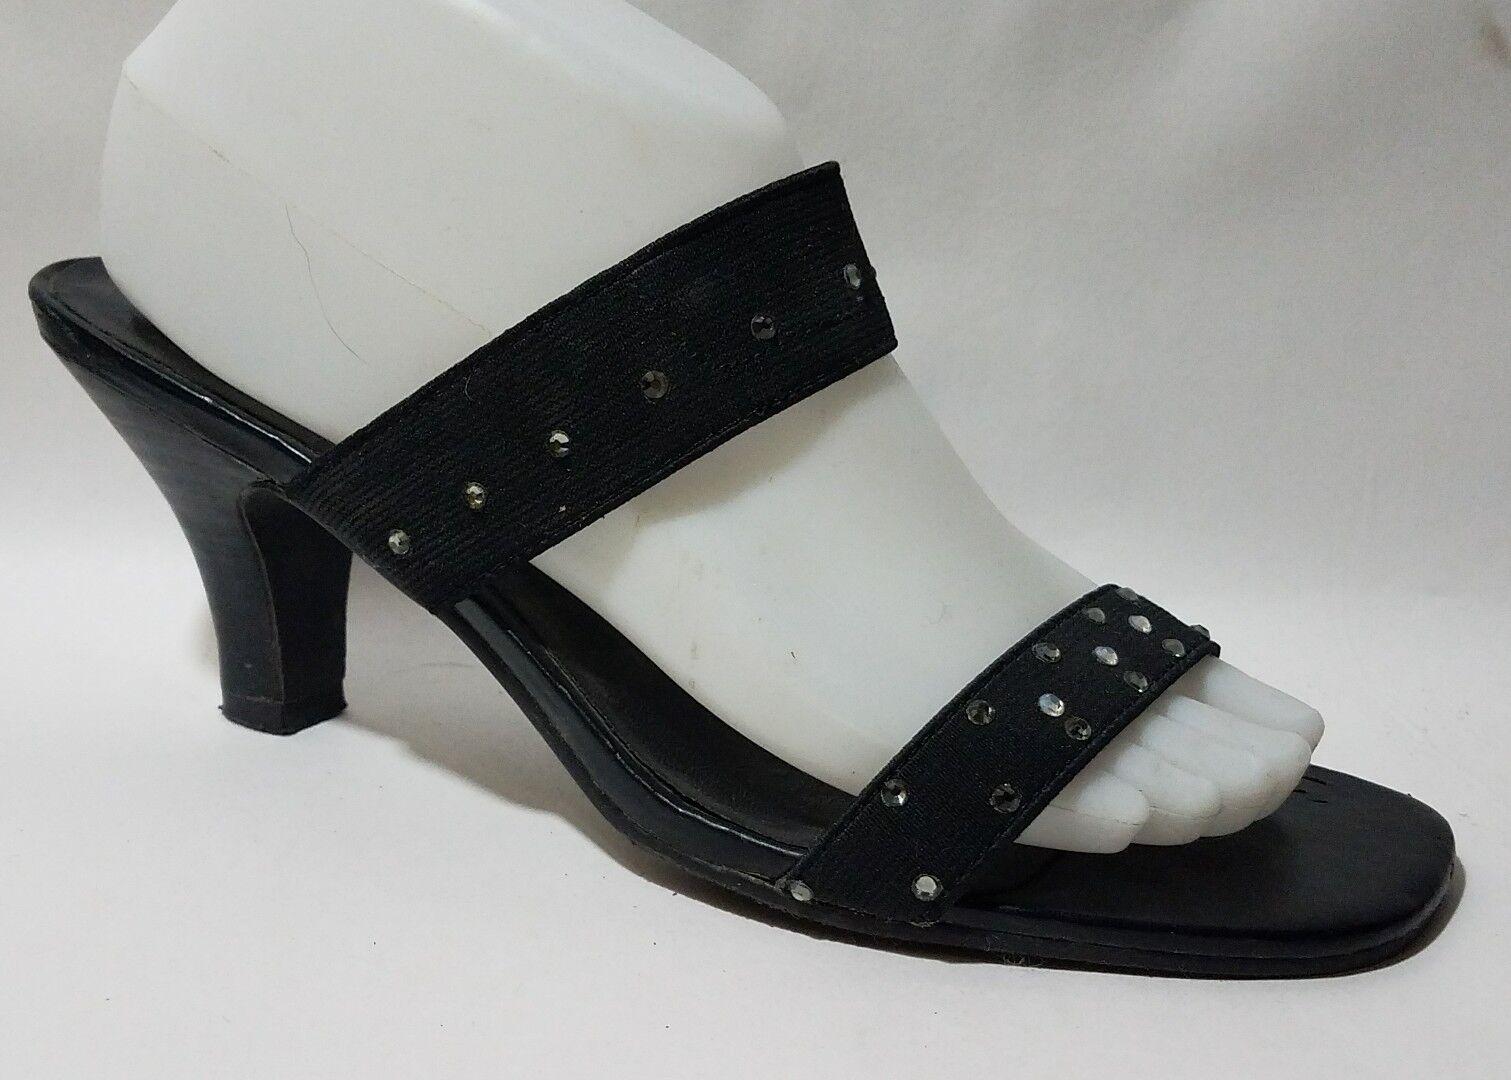 Chadwicks Black Rhinestone Sandal Low Chunky Pump Heel shoes Womens 8.5 M Slides